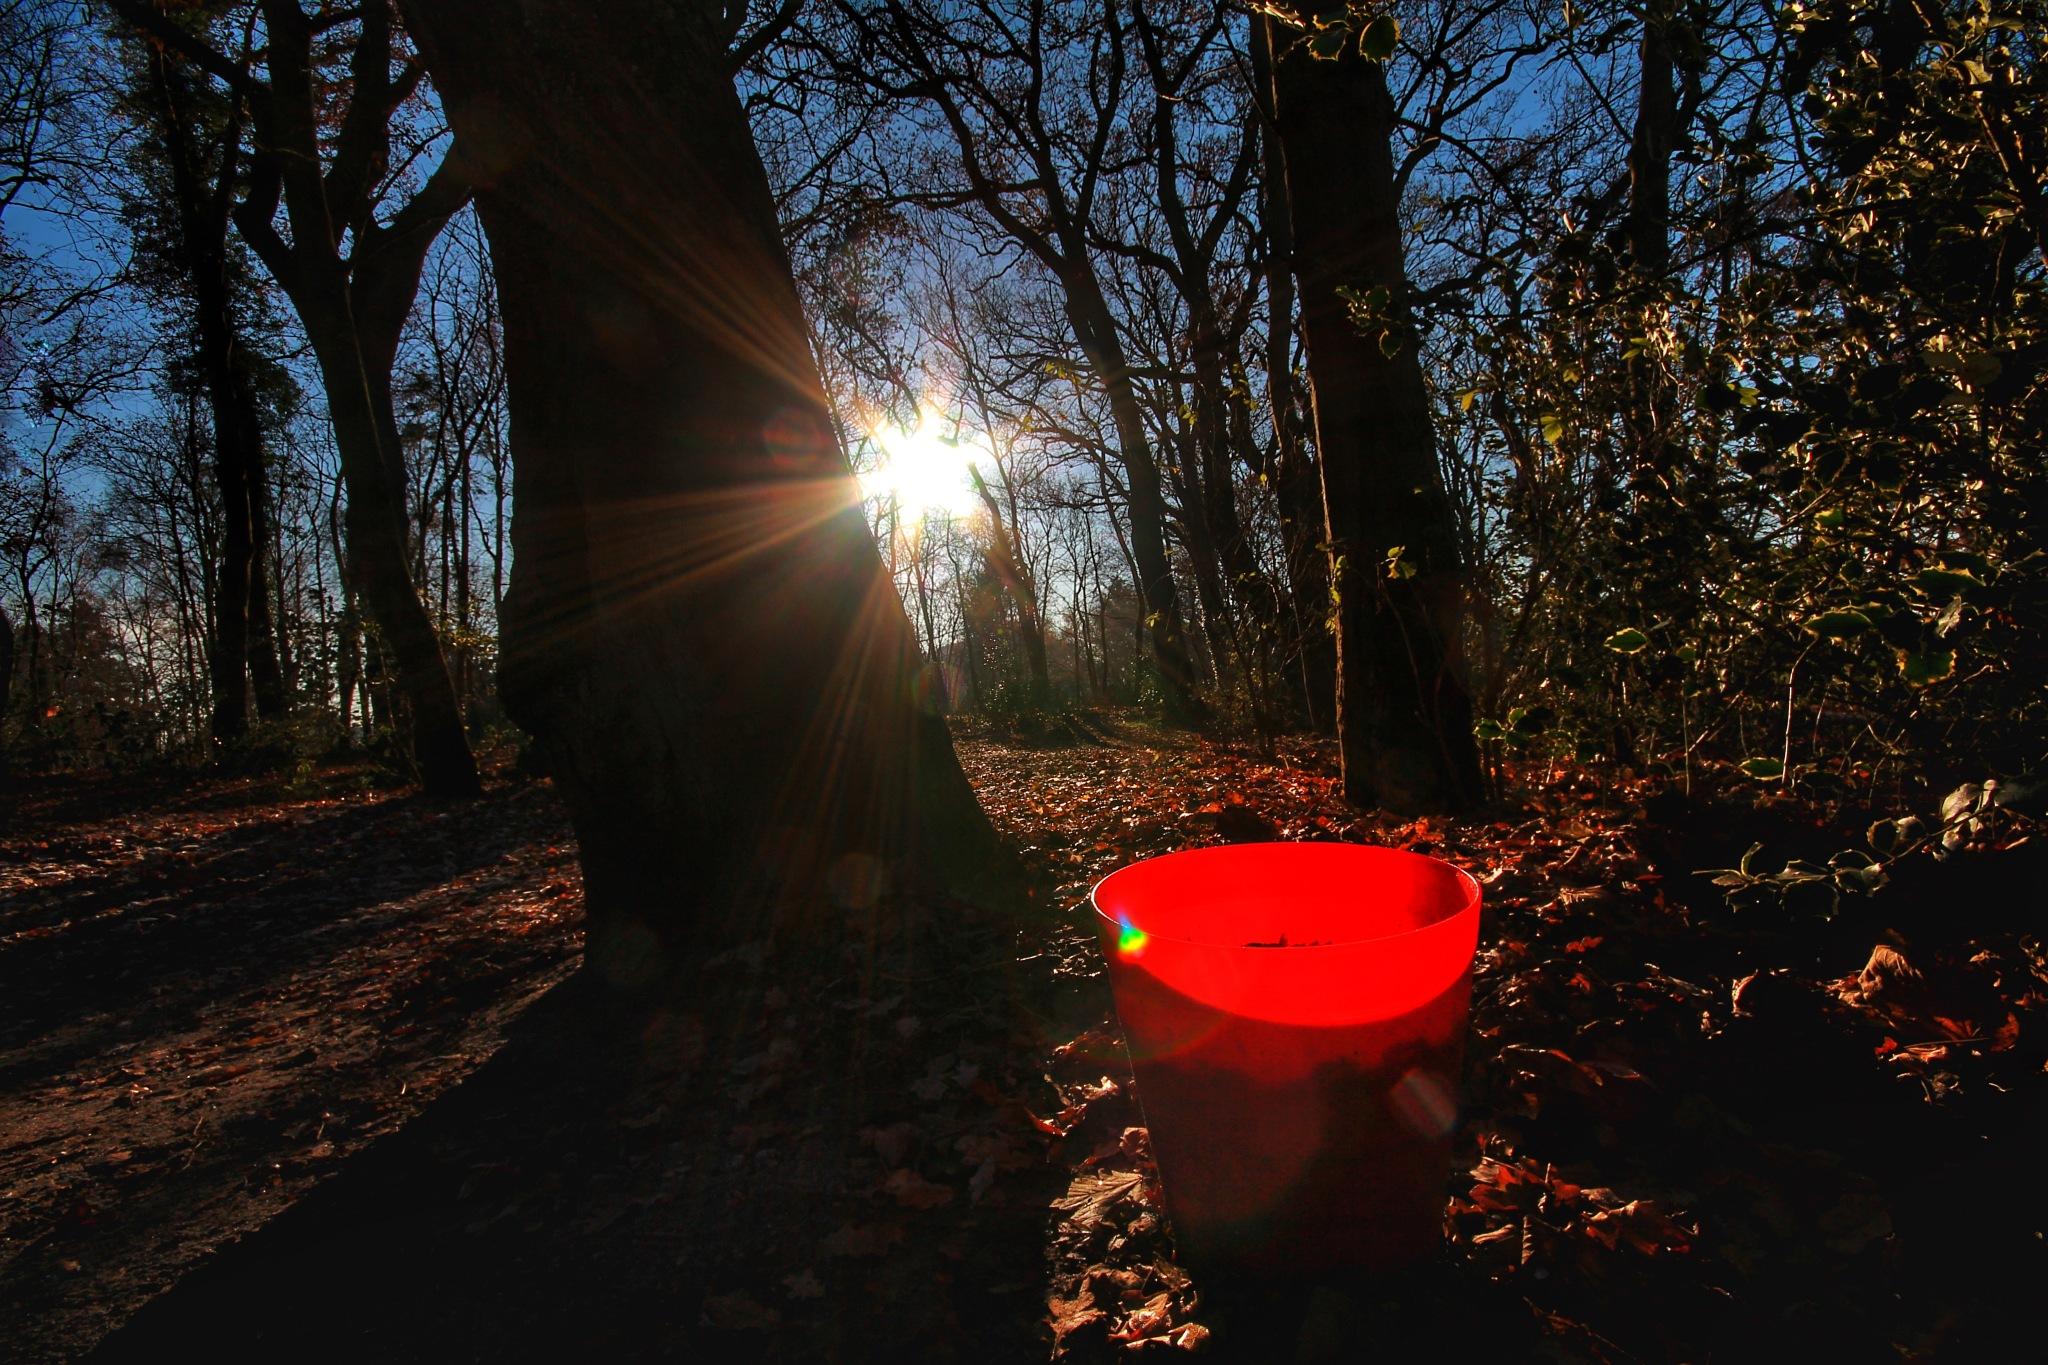 Der rote Eimer im Wald by Harry Schäfer